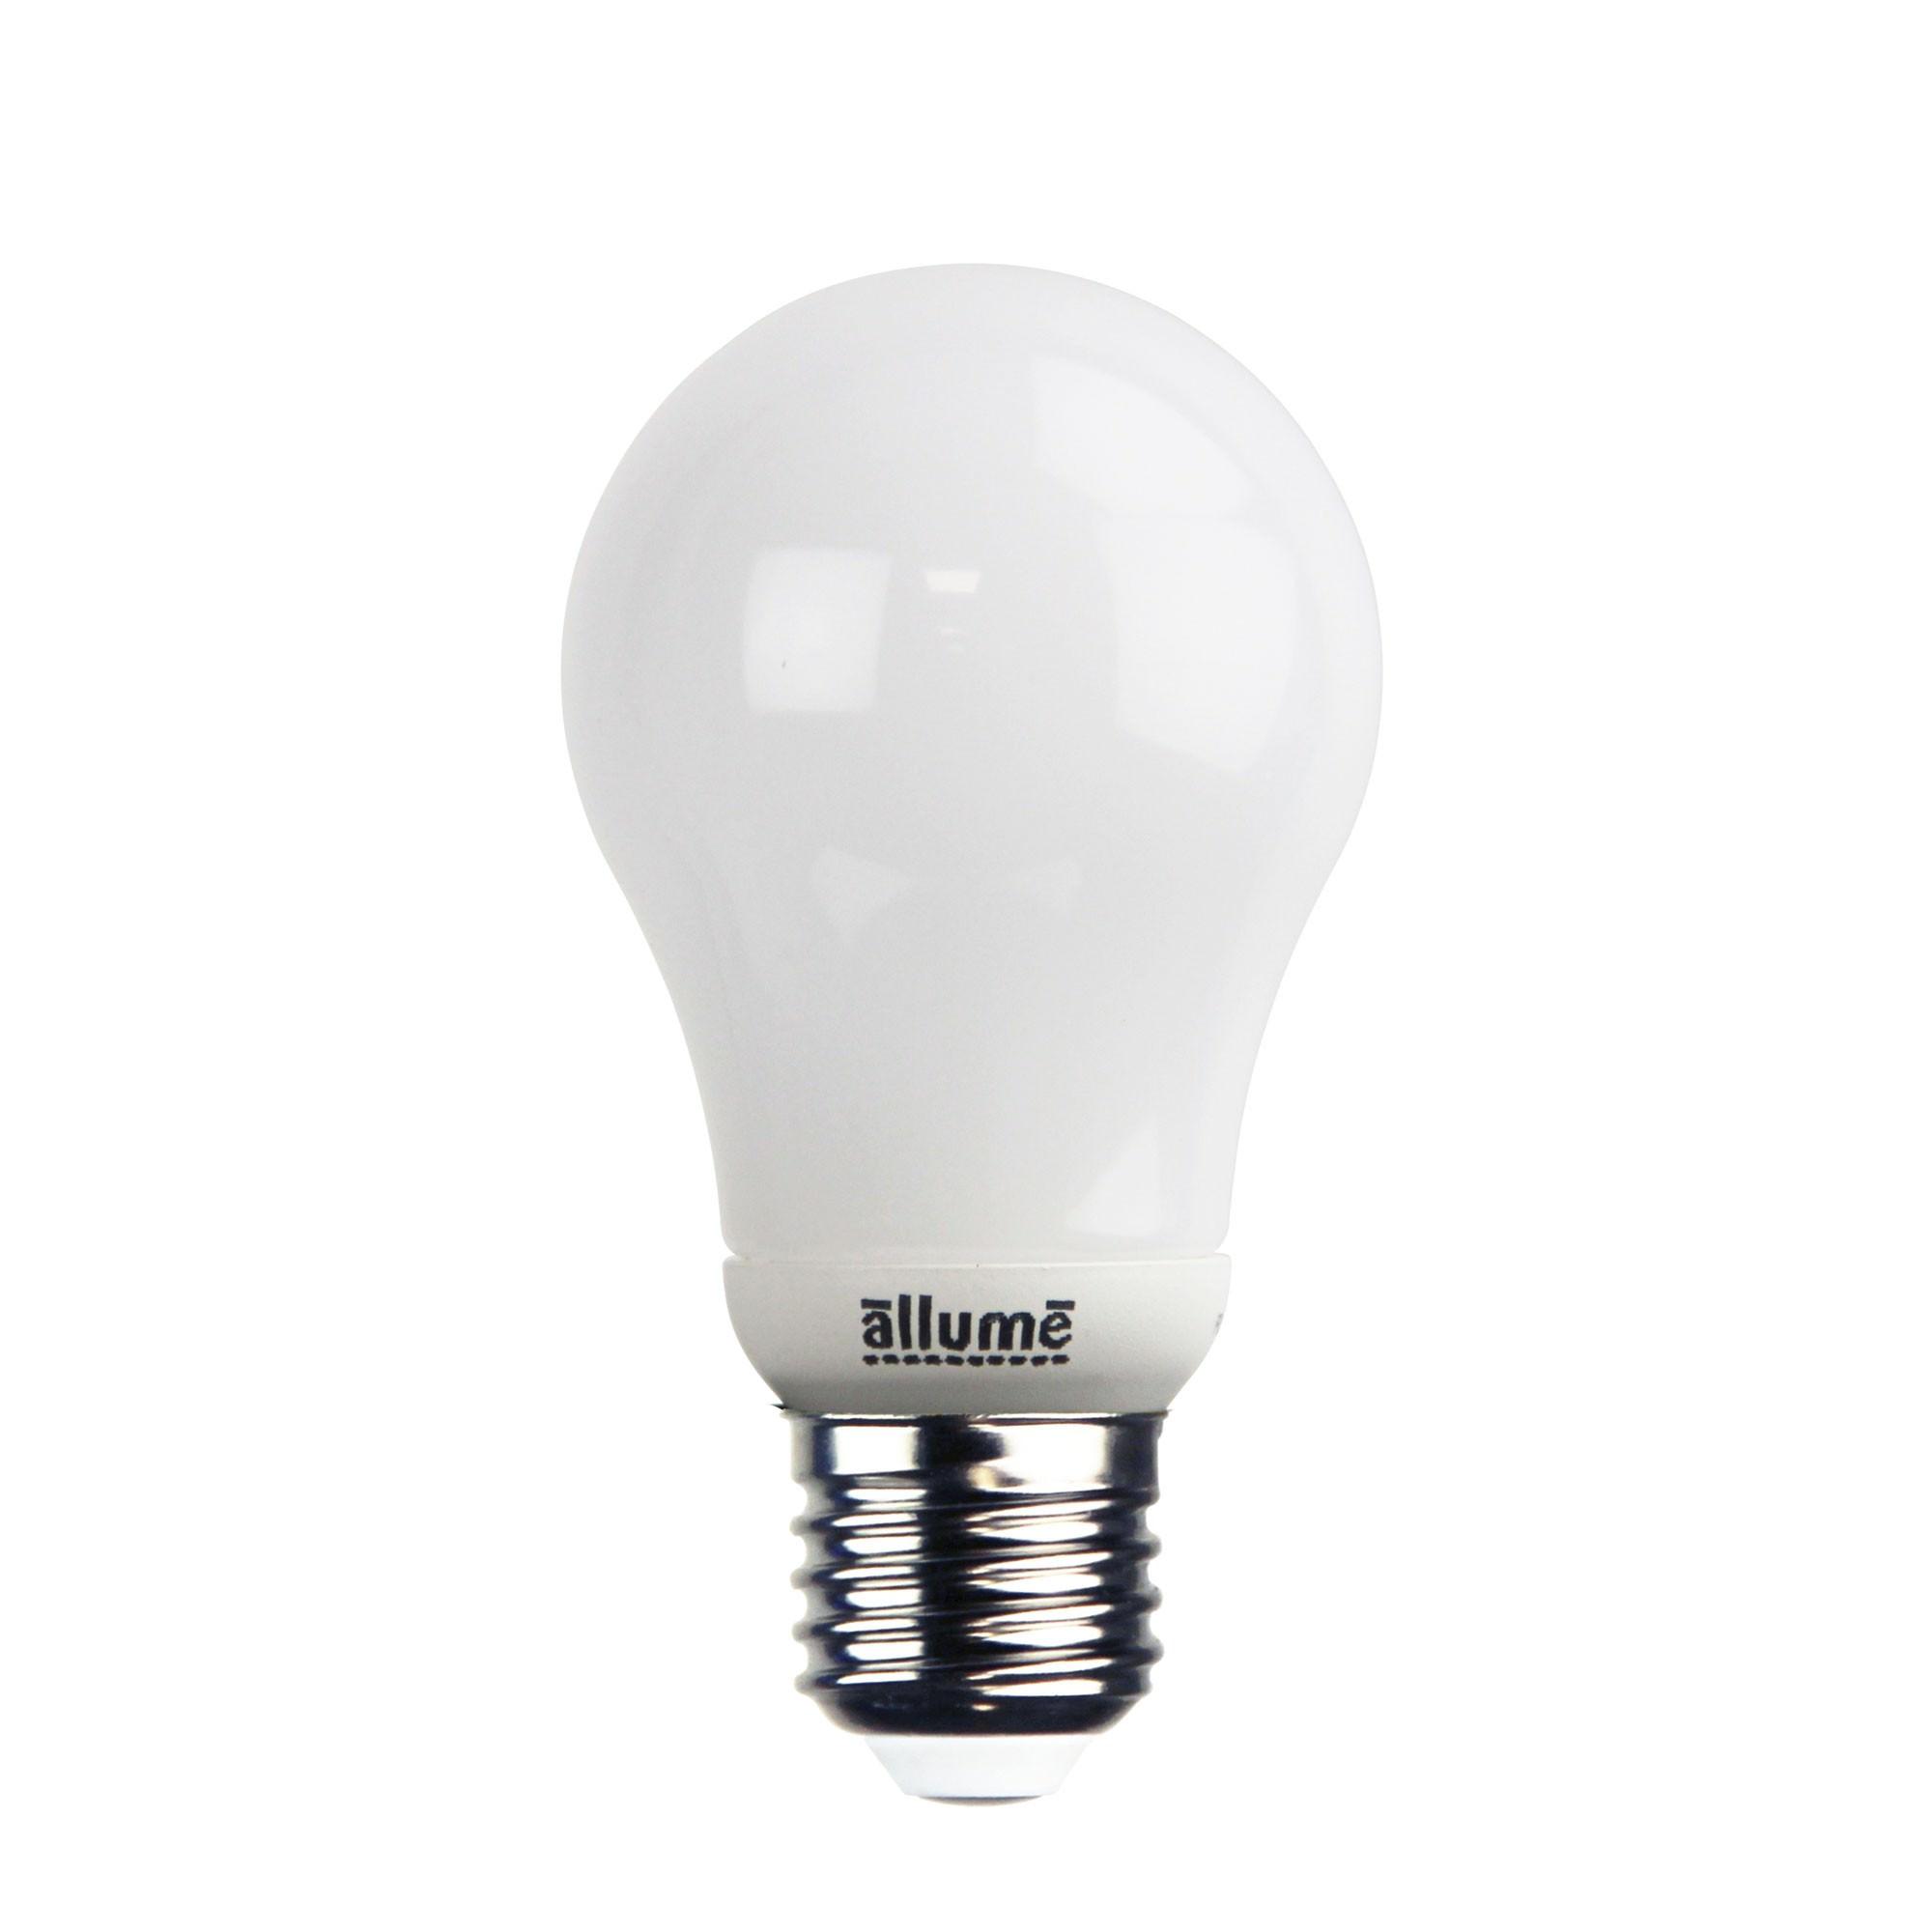 Allume GLS LED Globe, 8W, E27, 3000K, Opal